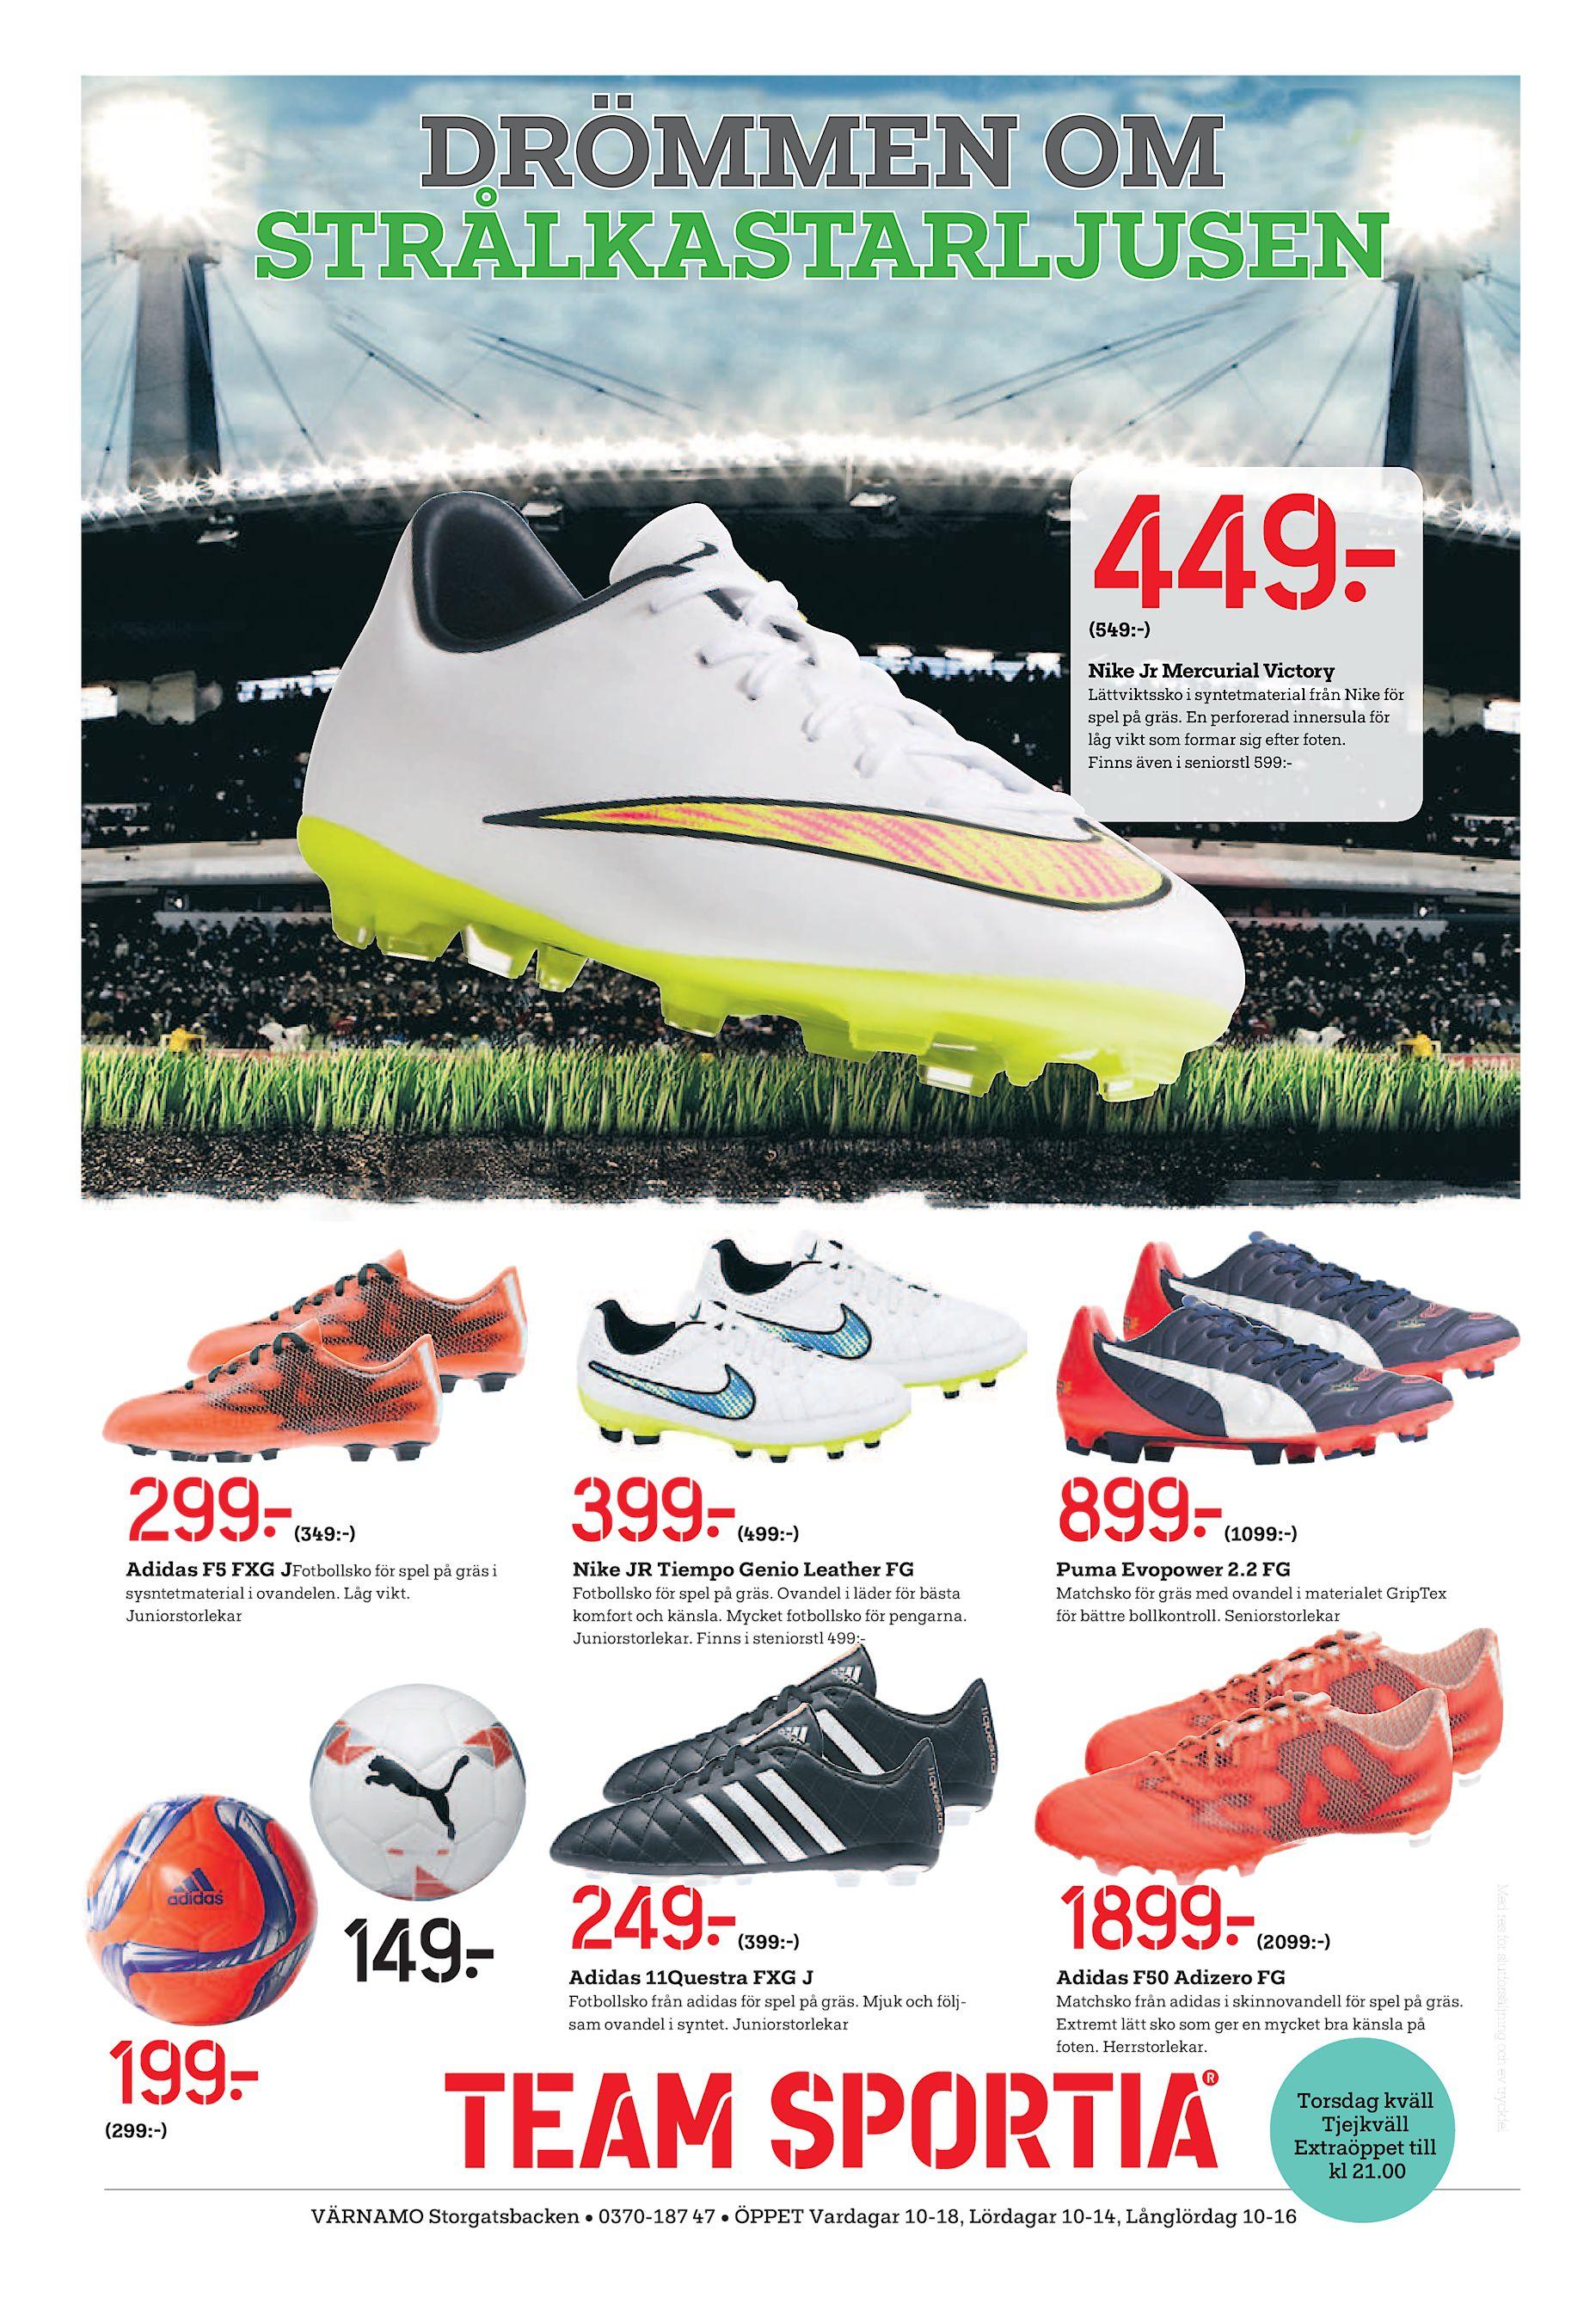 buy online a4490 a96f4 DRÖMMEN OM STRÅLKASTARLJUSEN 449  (549 -) Nike Jr Mercurial Victory  Lättviktssko i syntetmaterial från Nike för spel på gräs. En perforerad  innersula för ...